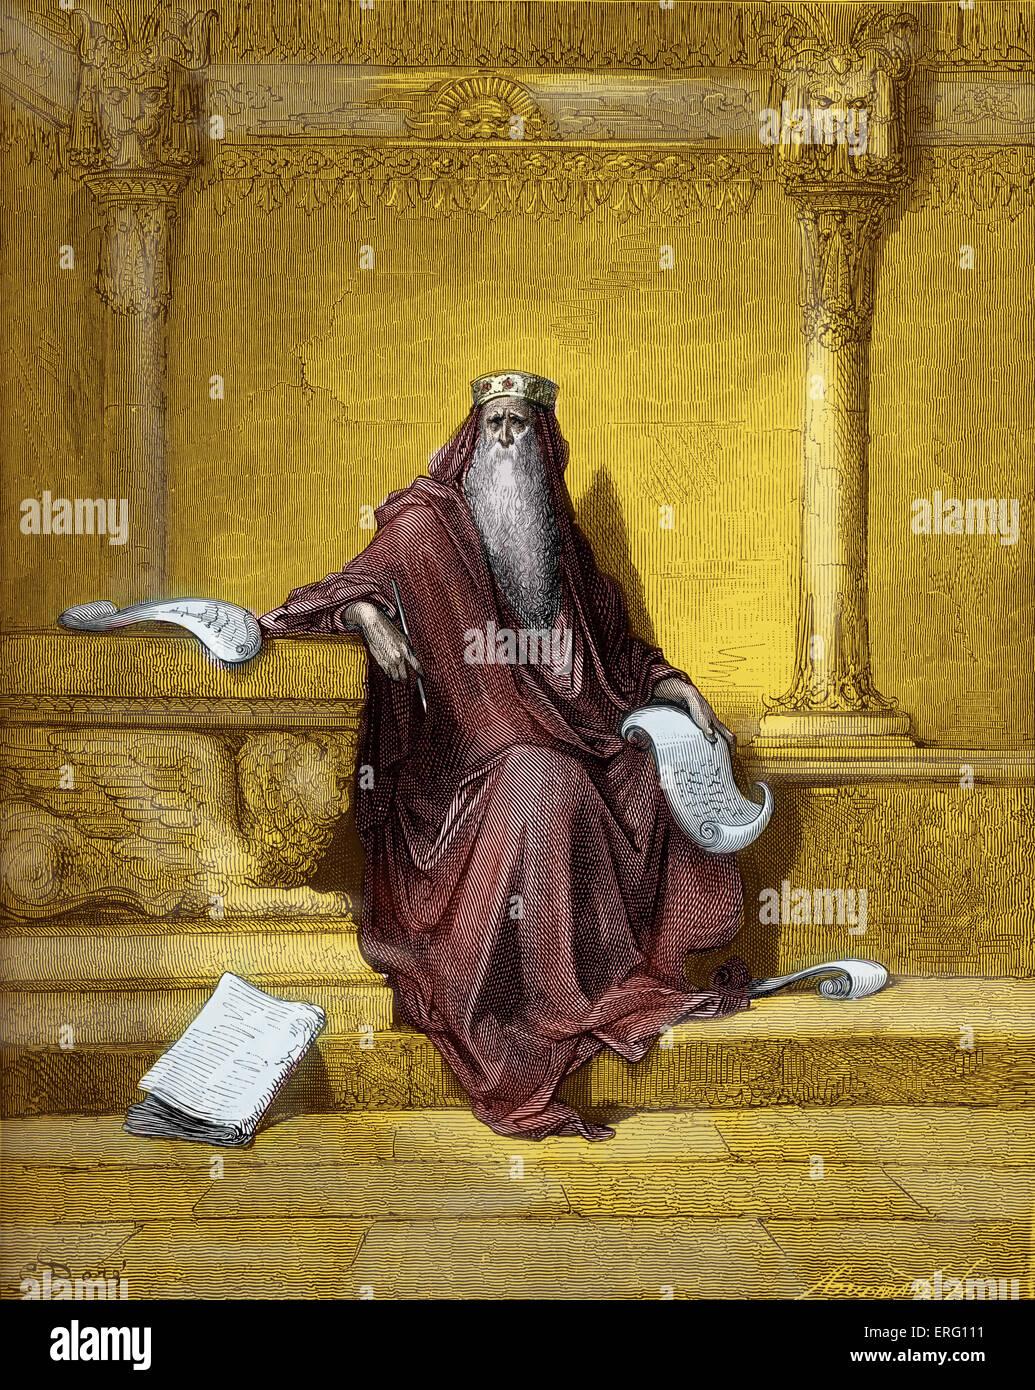 Konig Salomo Spruche Zu Schreiben Stich Von Gustave Dore 1832 1883 Spruche I 1 4 Die Spruche Salomos Sohn Stockfotografie Alamy